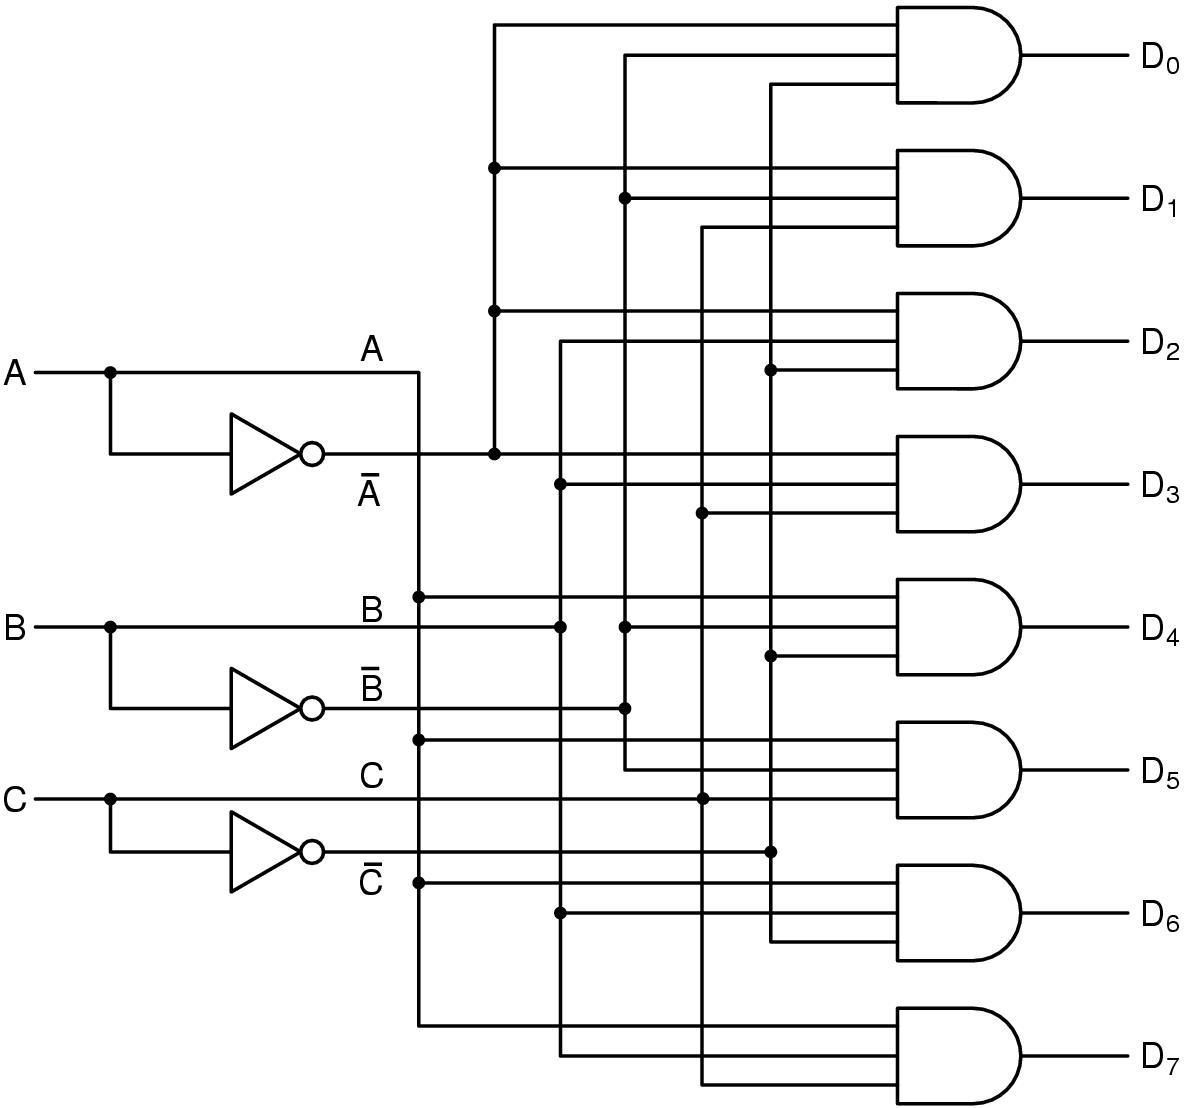 Circuito Logico : Logisim simulare un circuito logico con logisim youtube